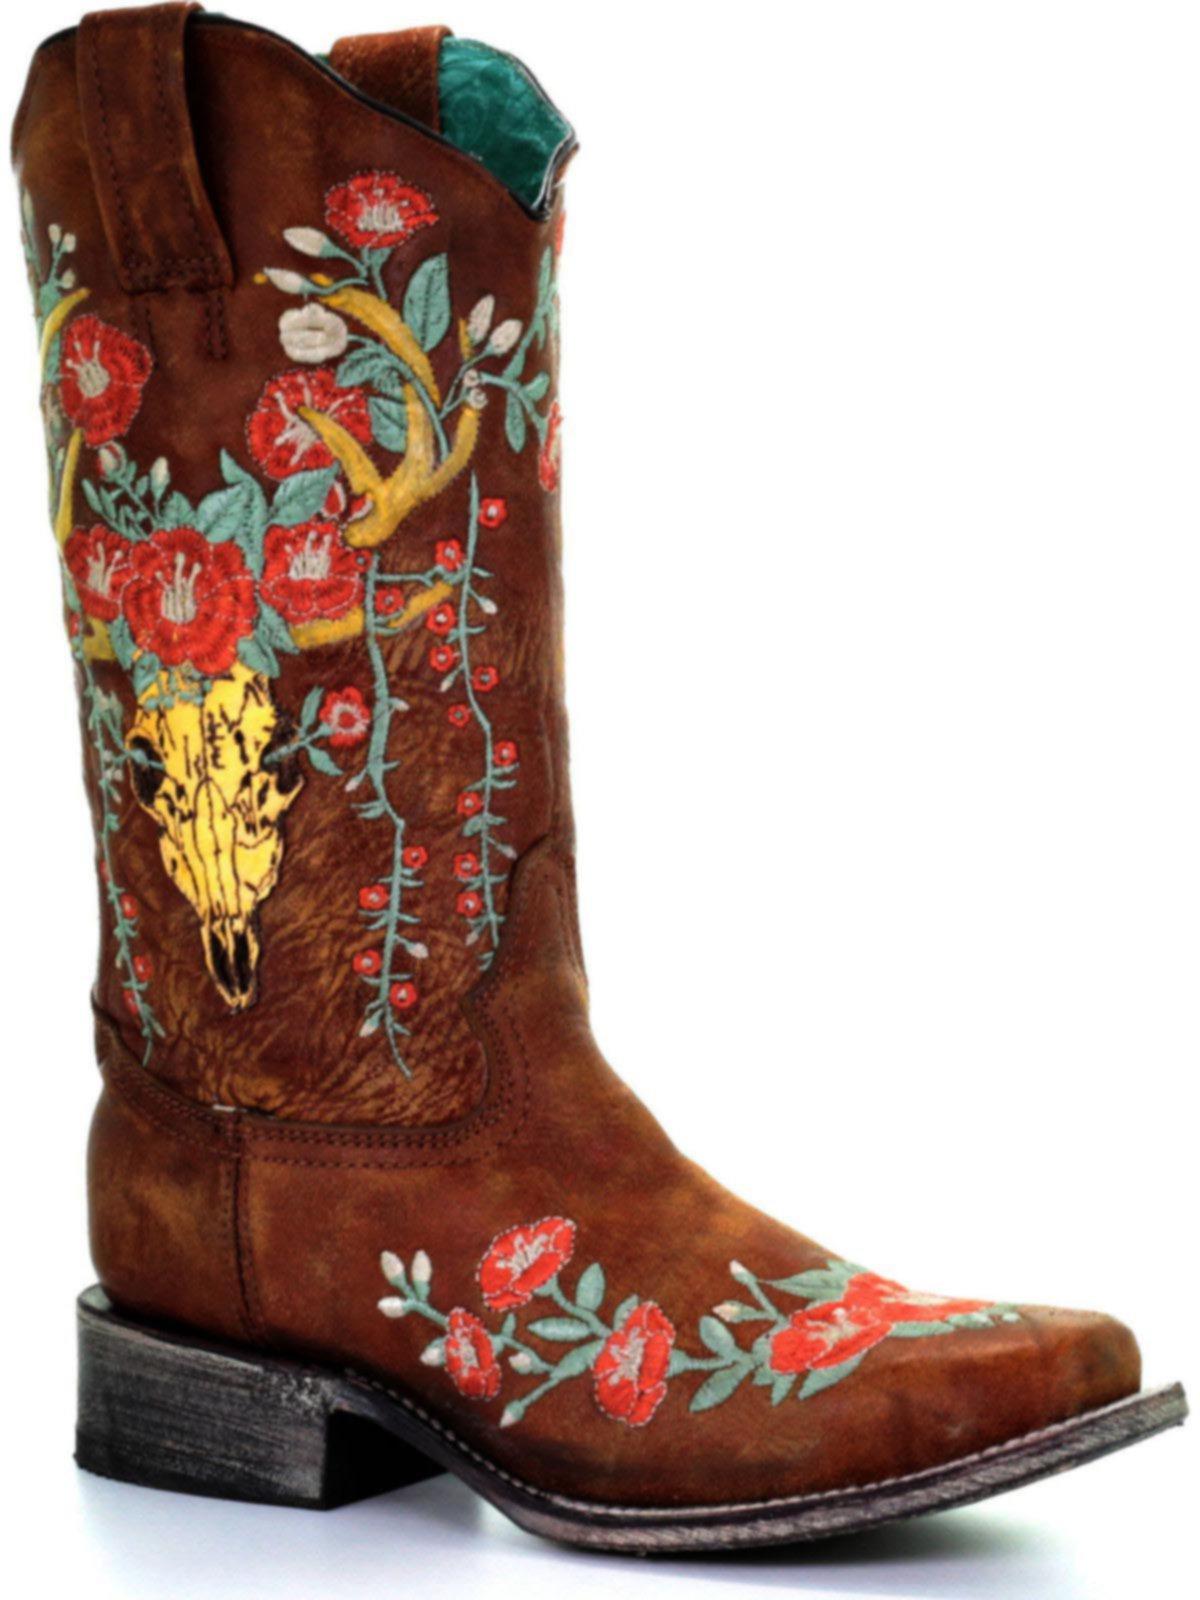 corral women's deer skull boots